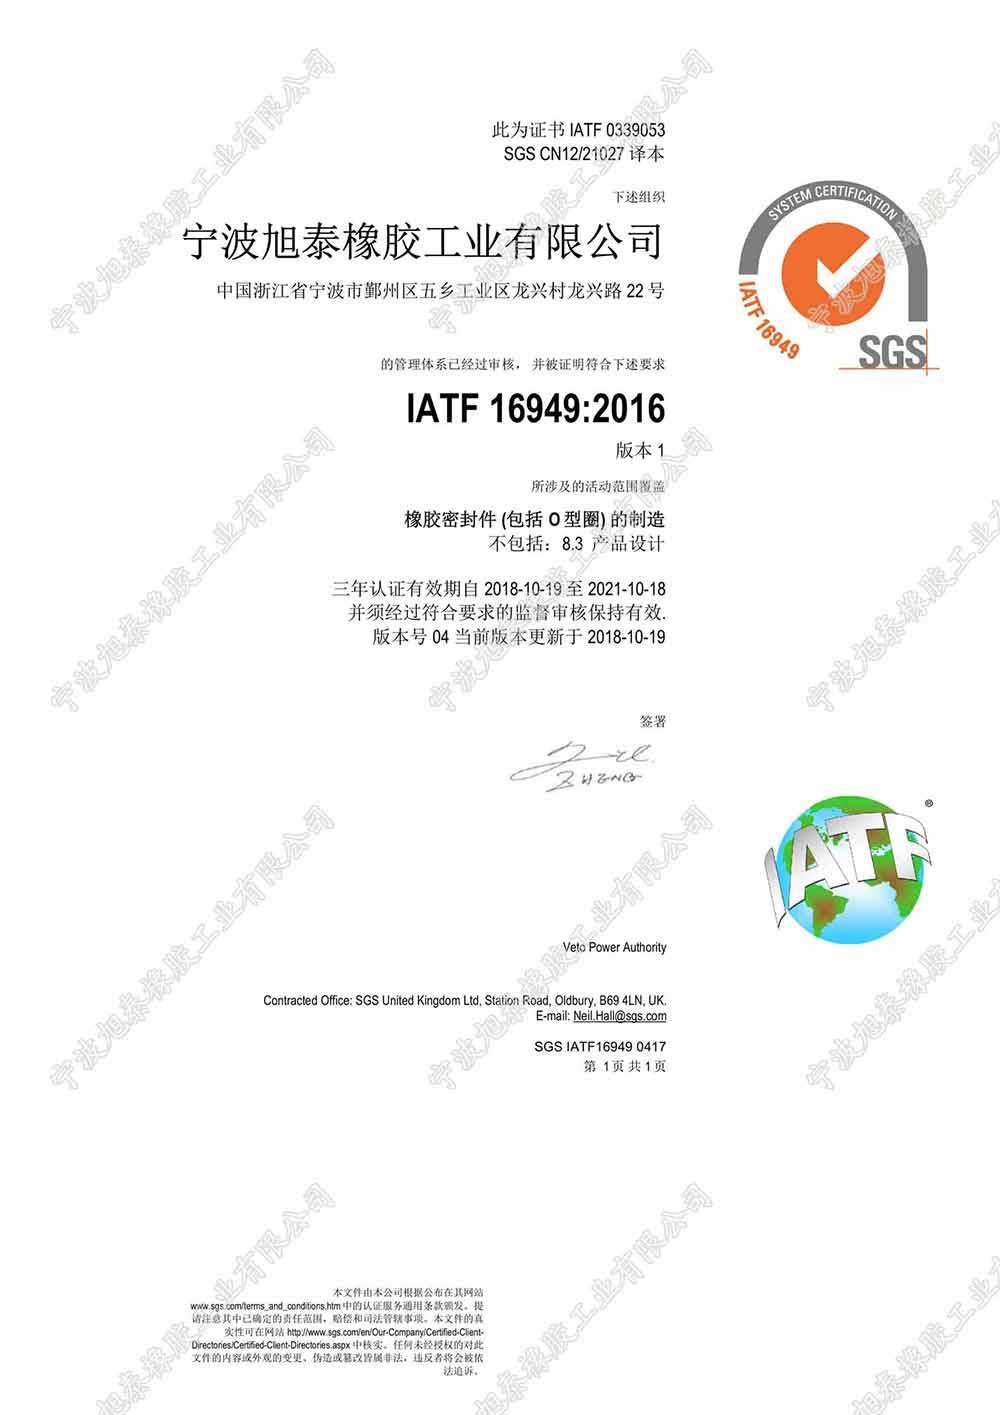 公司通过IATF 16949:2016认证